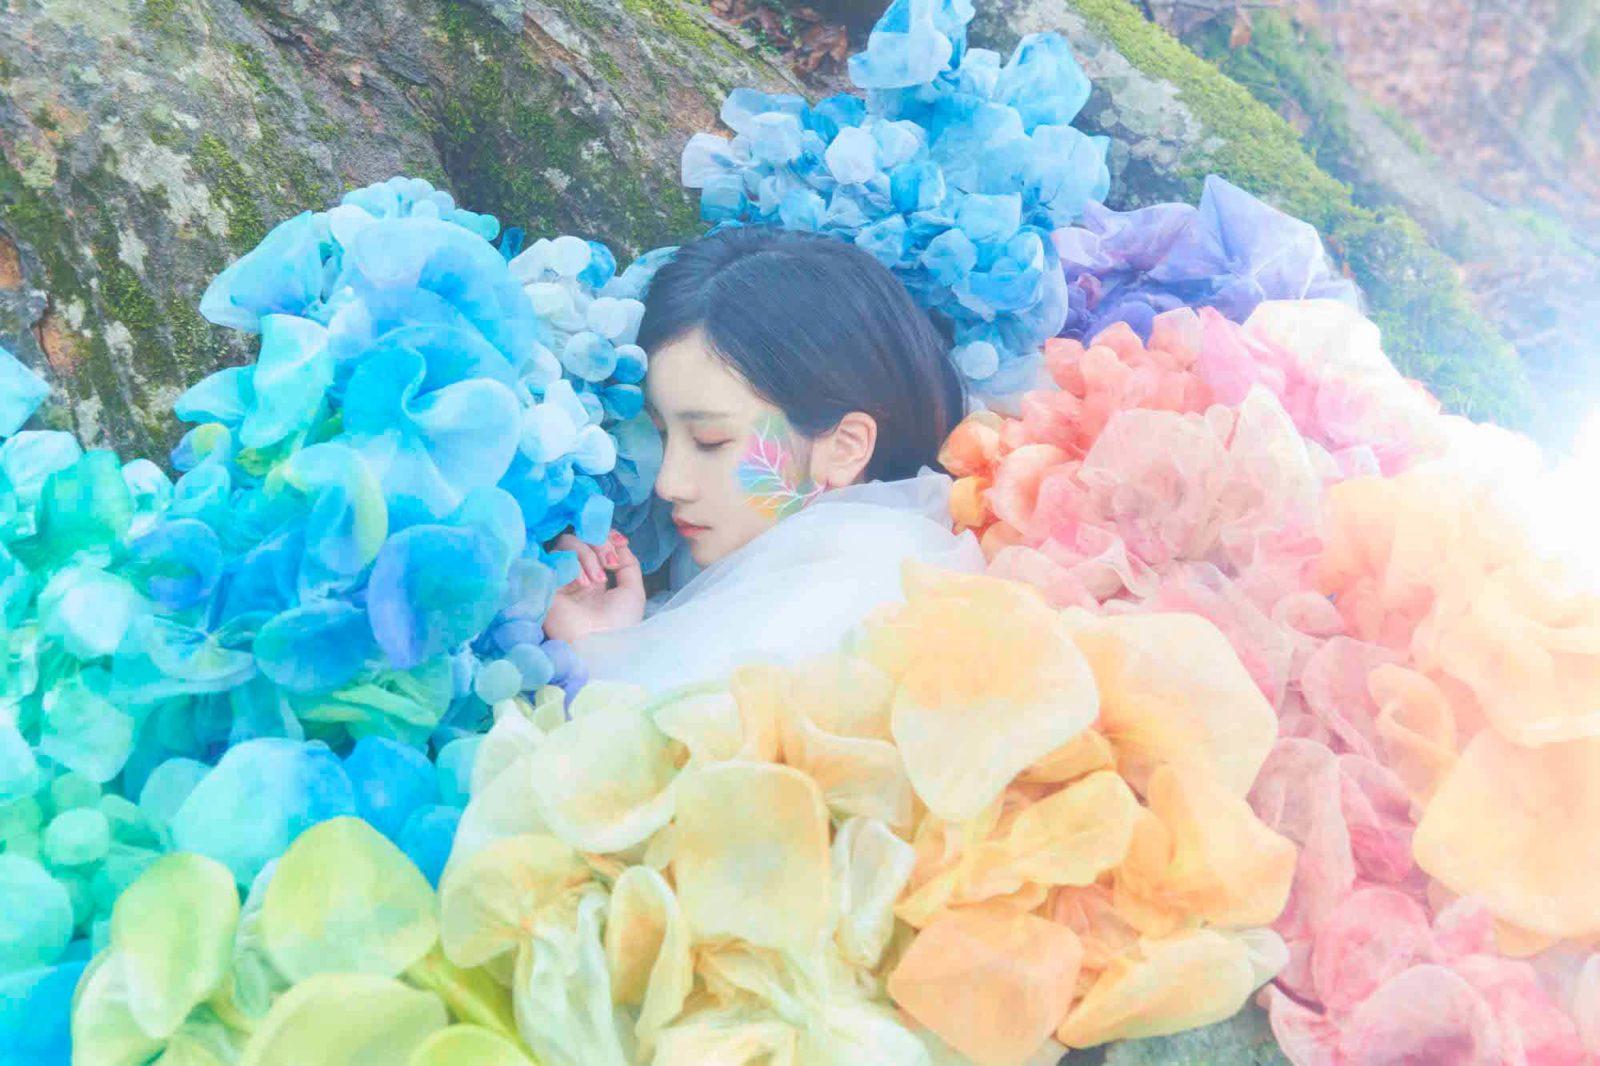 湯木慧 メジャーデビュー曲「バースデイ」MV公開サムネイル画像